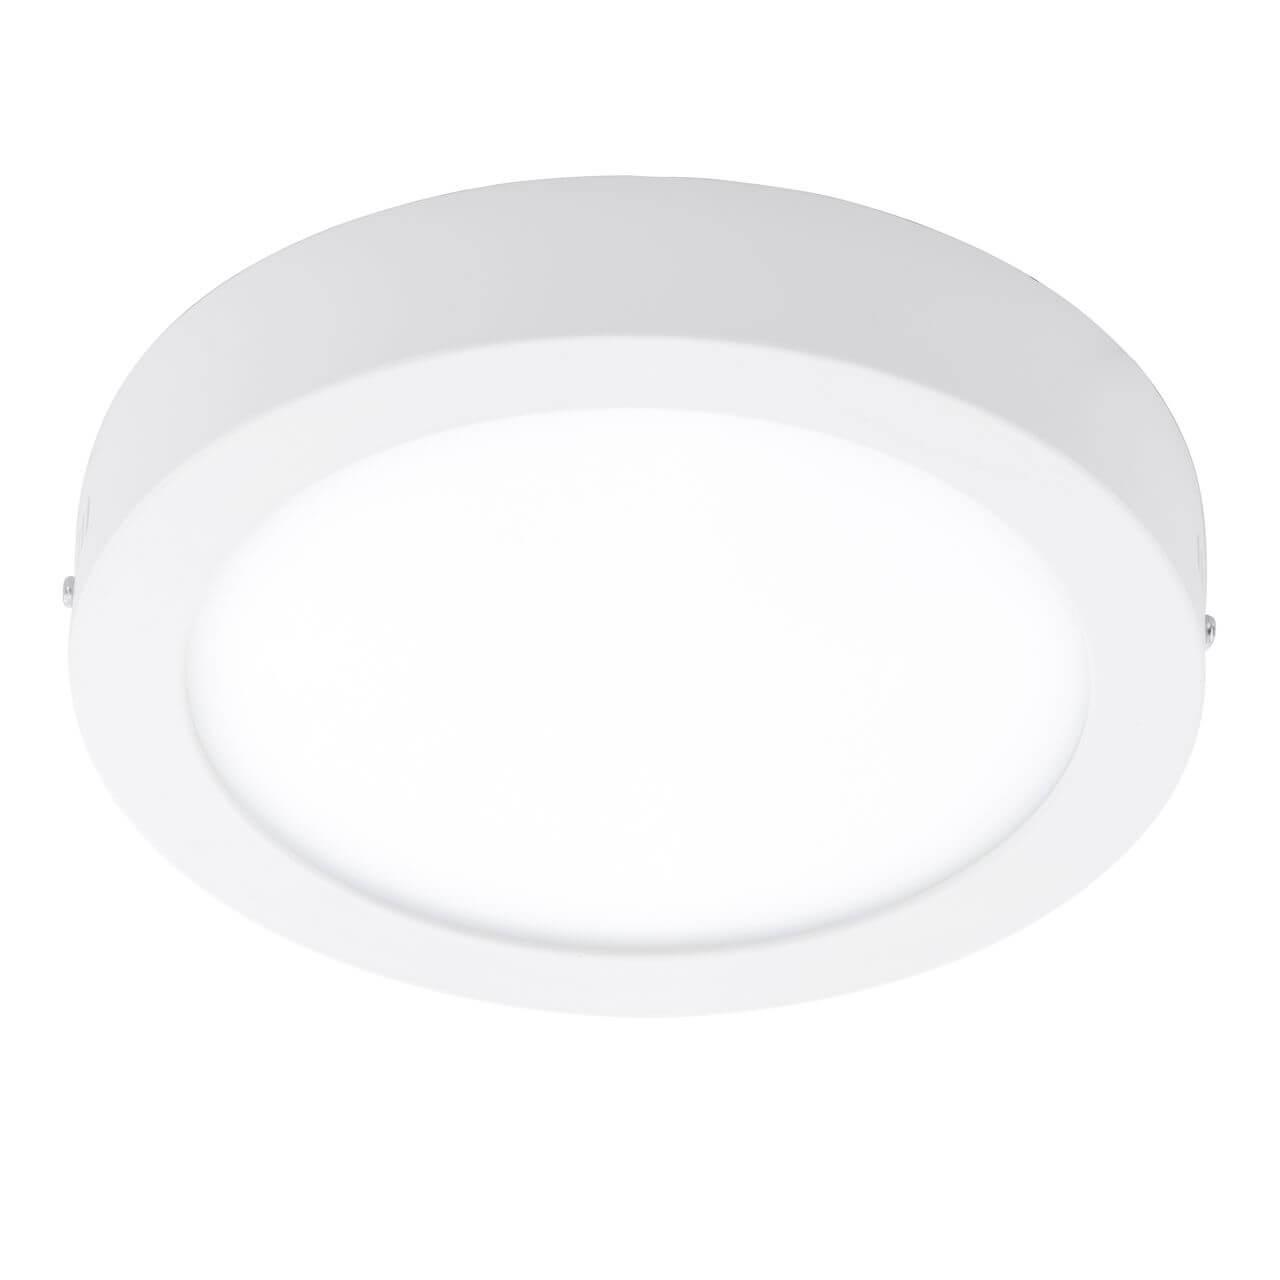 Потолочный светильник Eglo Fueva 1 94075 цена